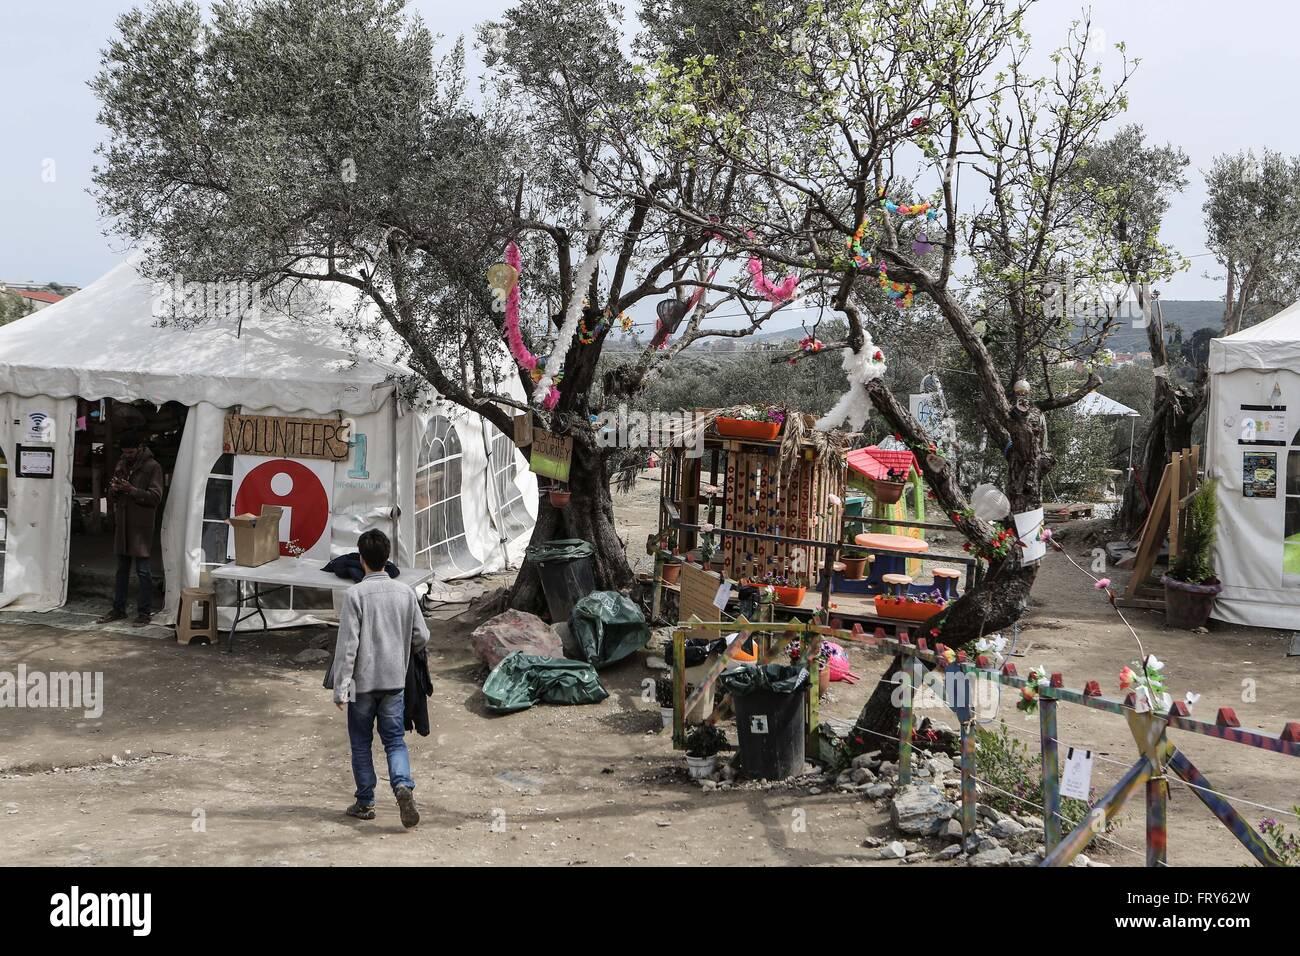 160324)--Lesbos, 24. März 2016 (Xinhua)--ein kleiner Spielplatz ...